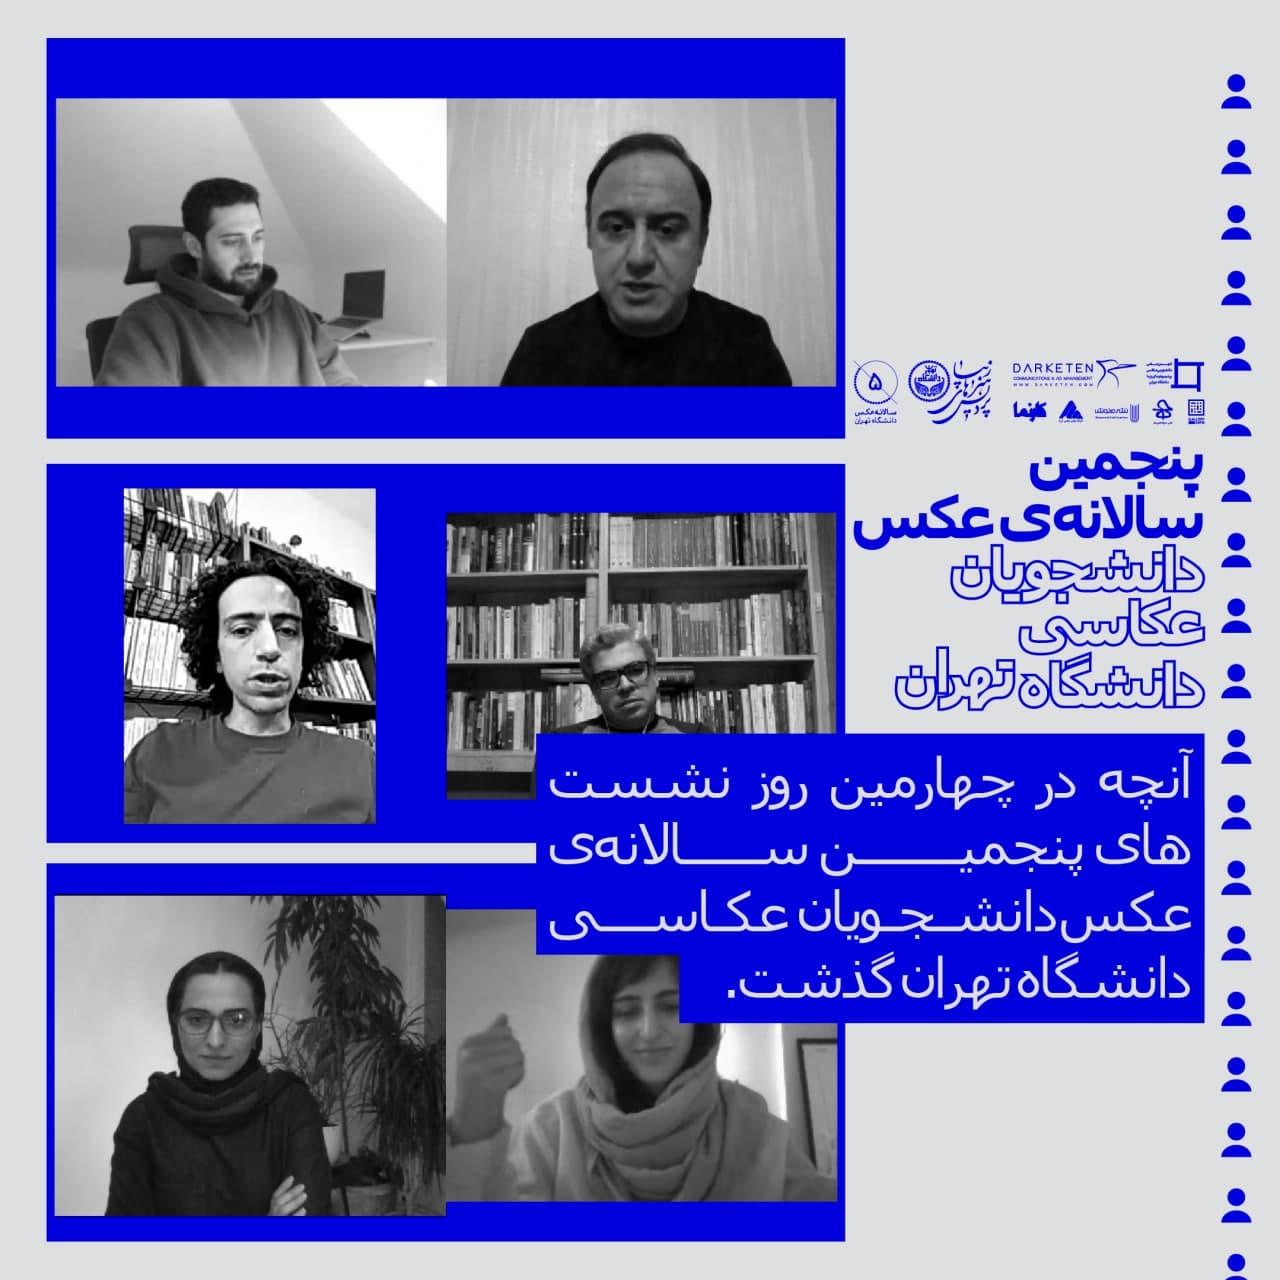 آنچه در چهارمین روز نشستهای پنجمین سالانهی عکس دانشجویان عکاسی دانشگاه تهران گذشت